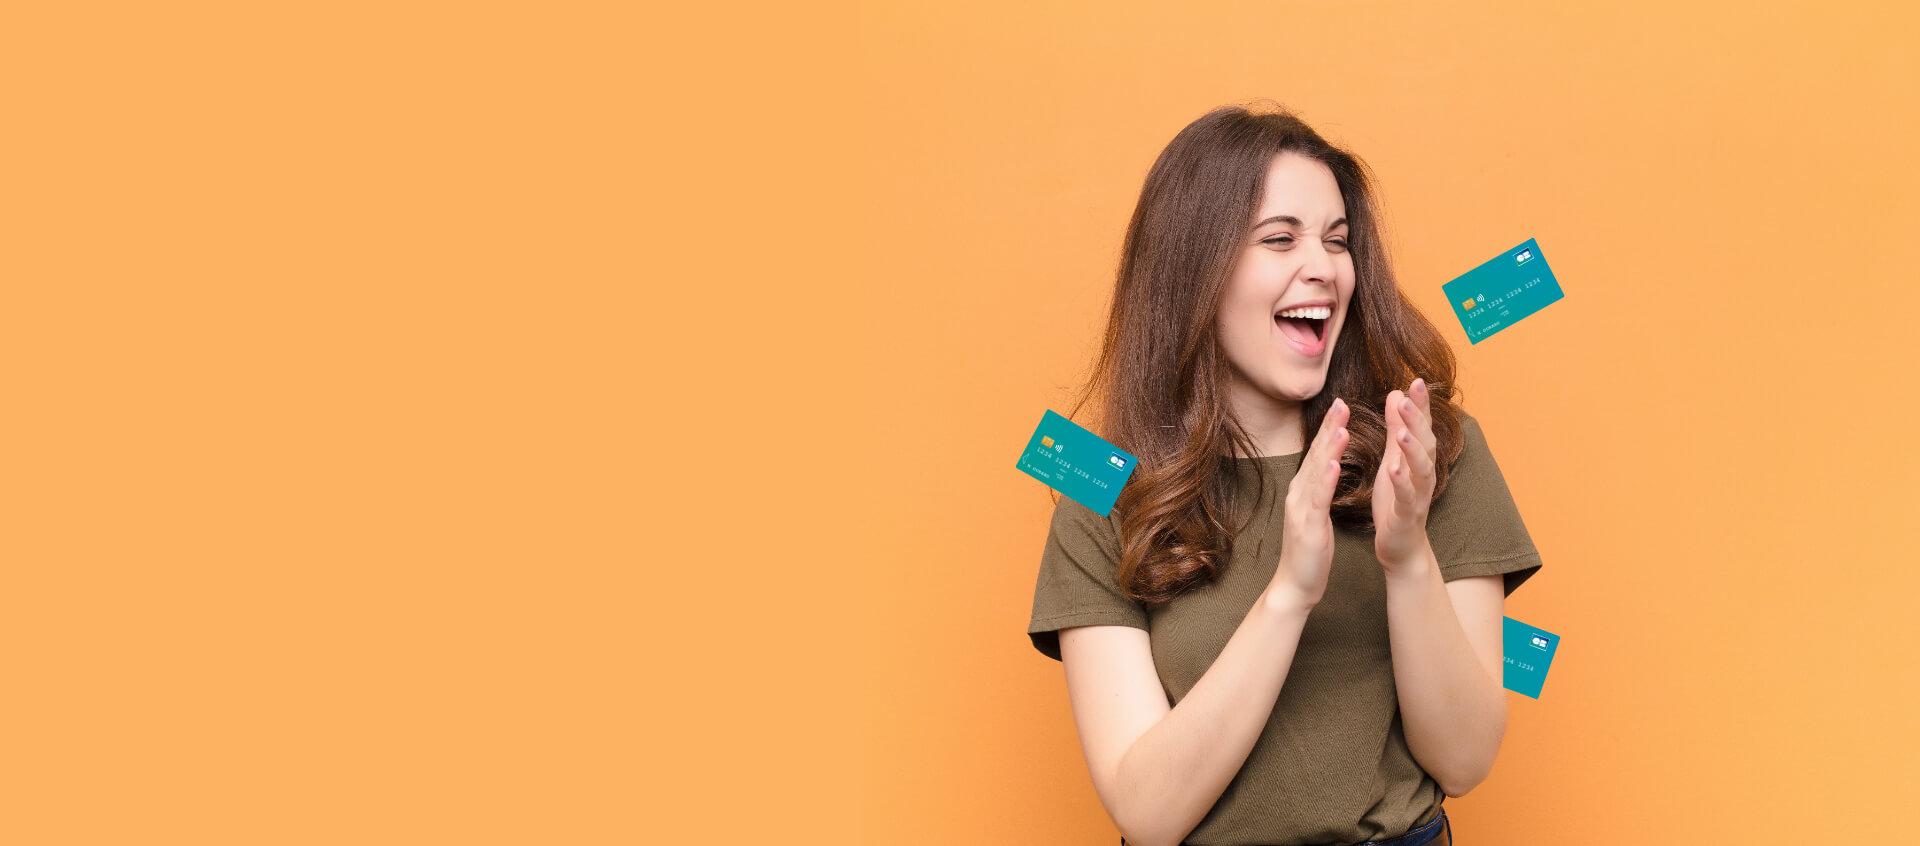 Femme heureuse avec des cartes bancaires